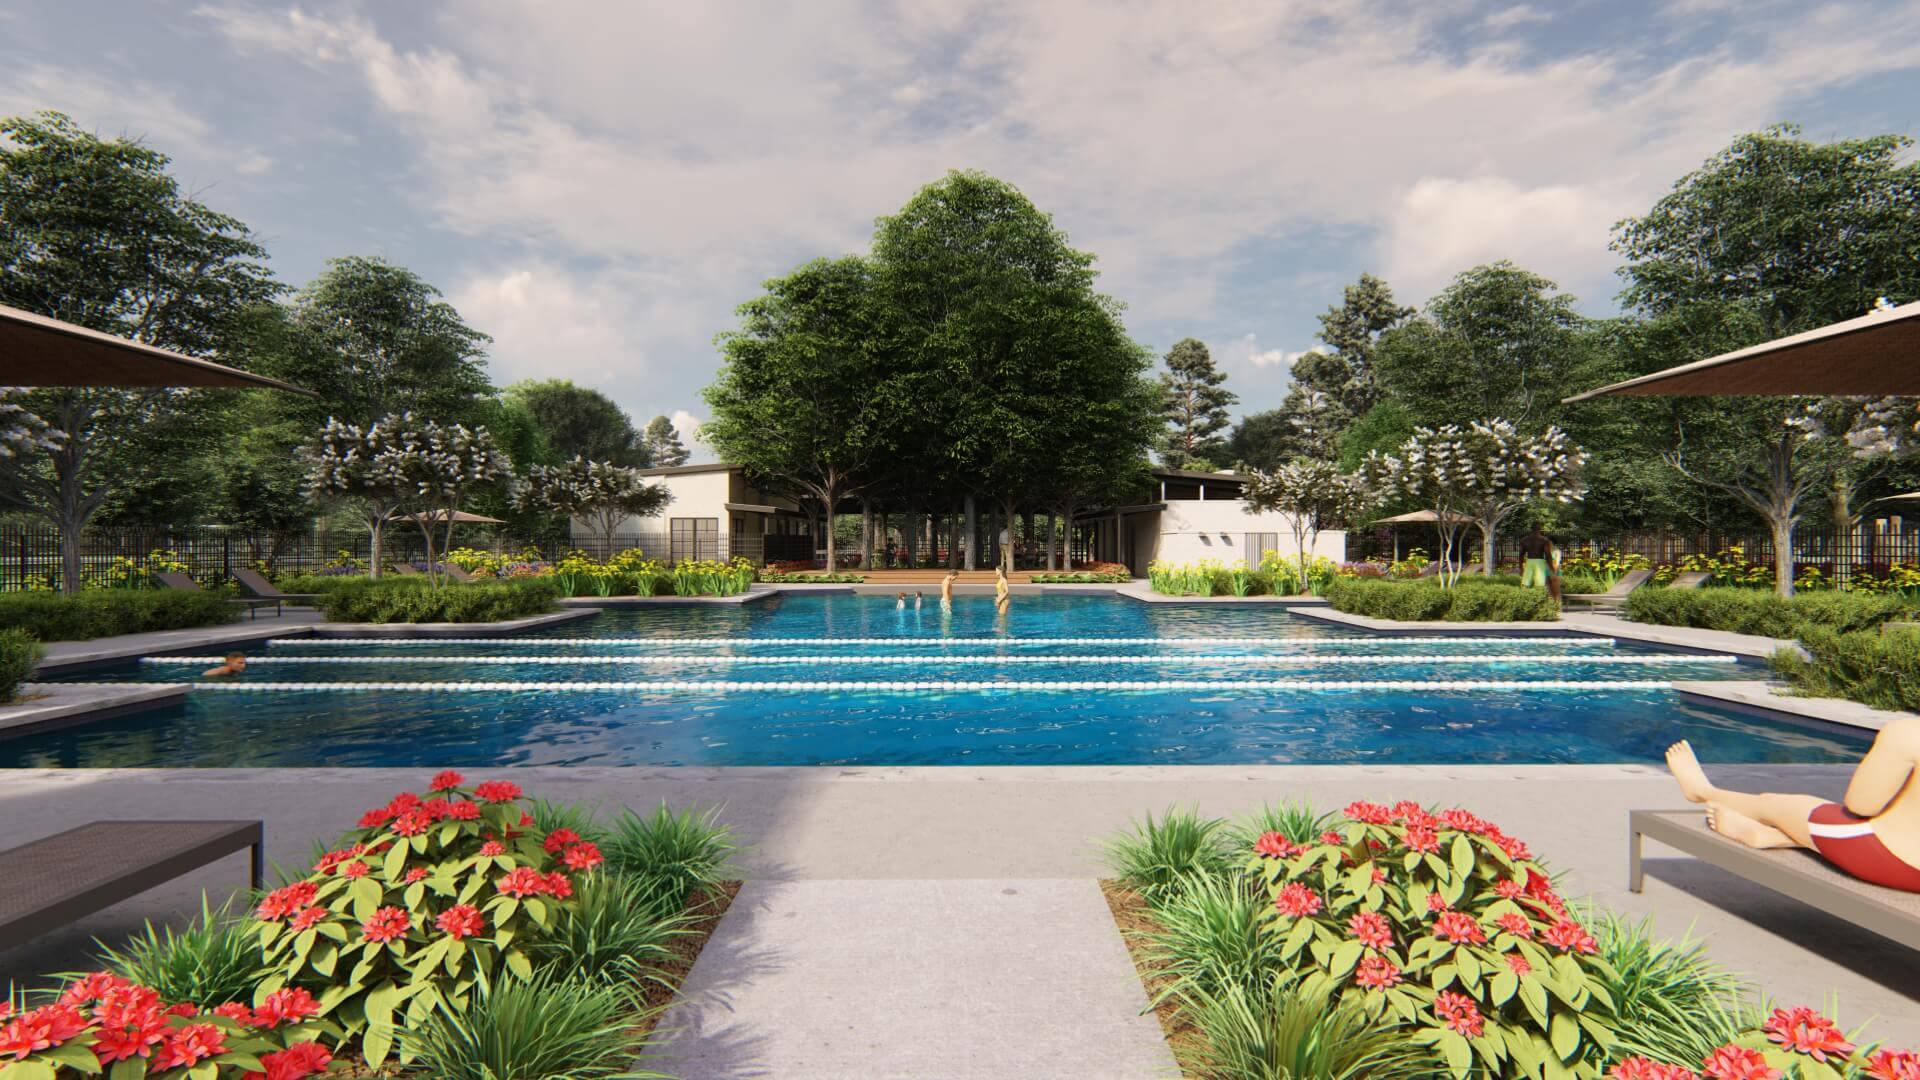 Anthem Swimming Pool Rendering